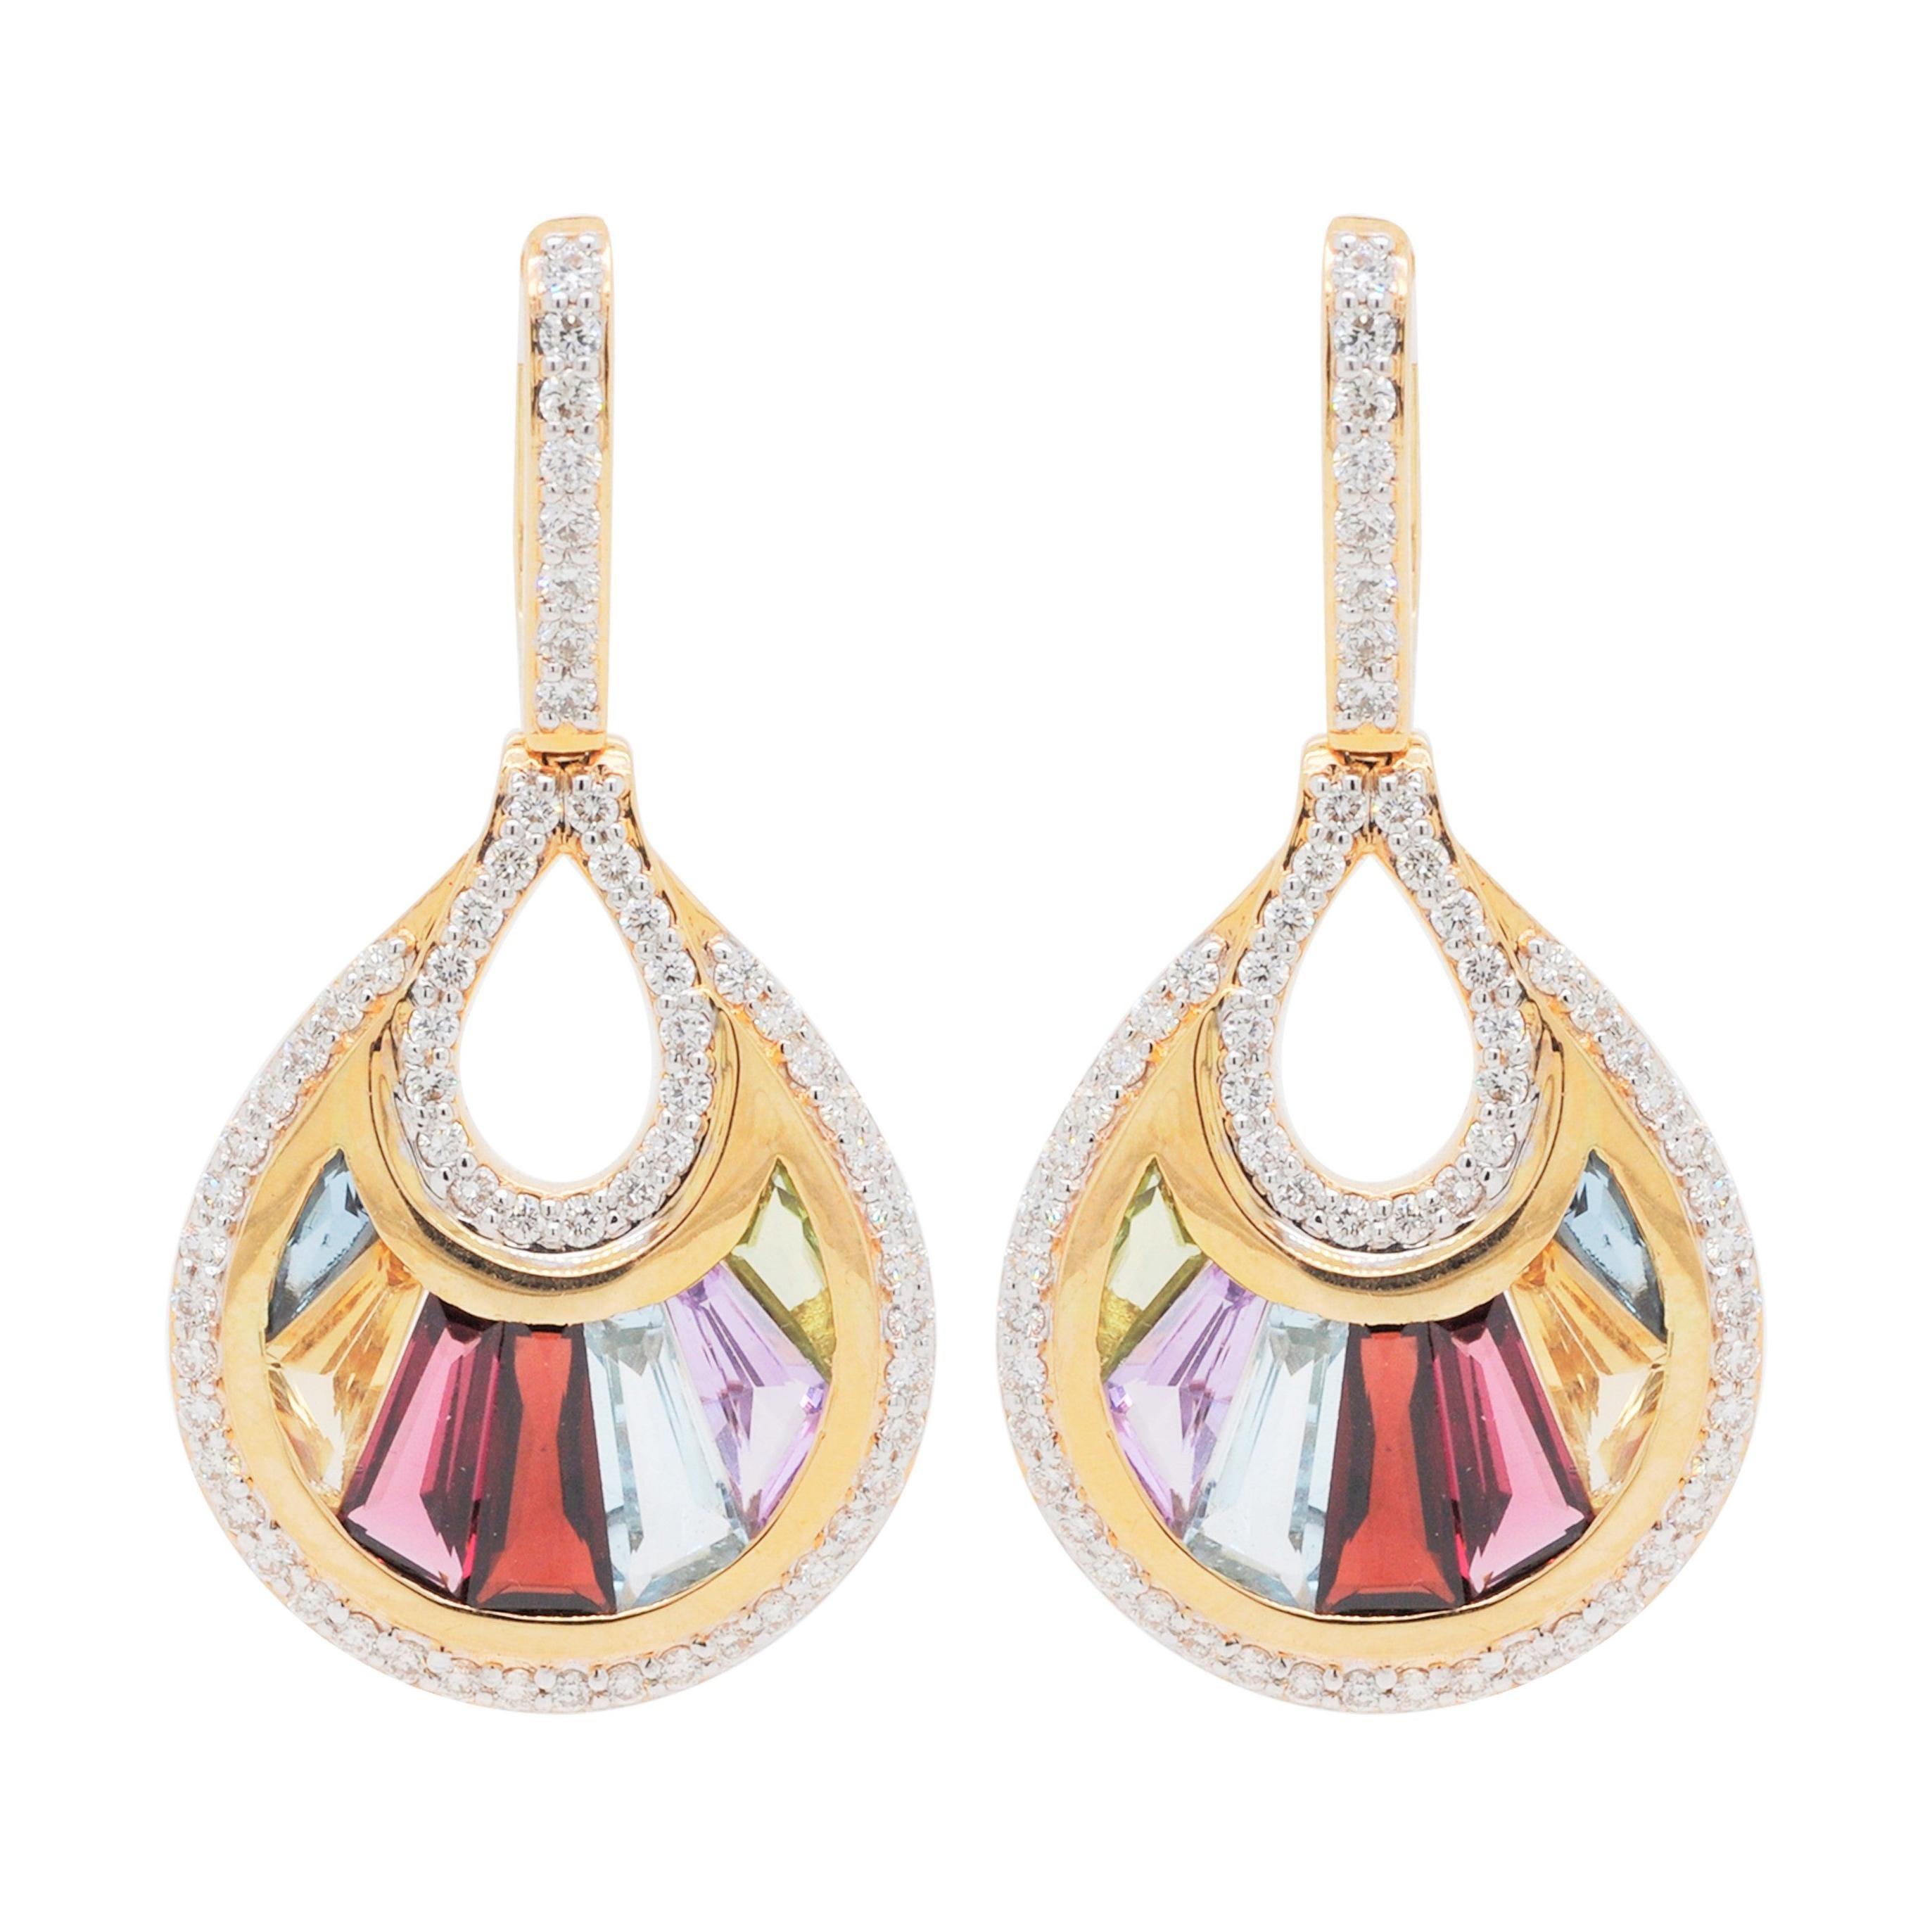 18 Karat Gold Channel Set Baguette Multi-Color Rainbow Diamond Cocktail Earrings